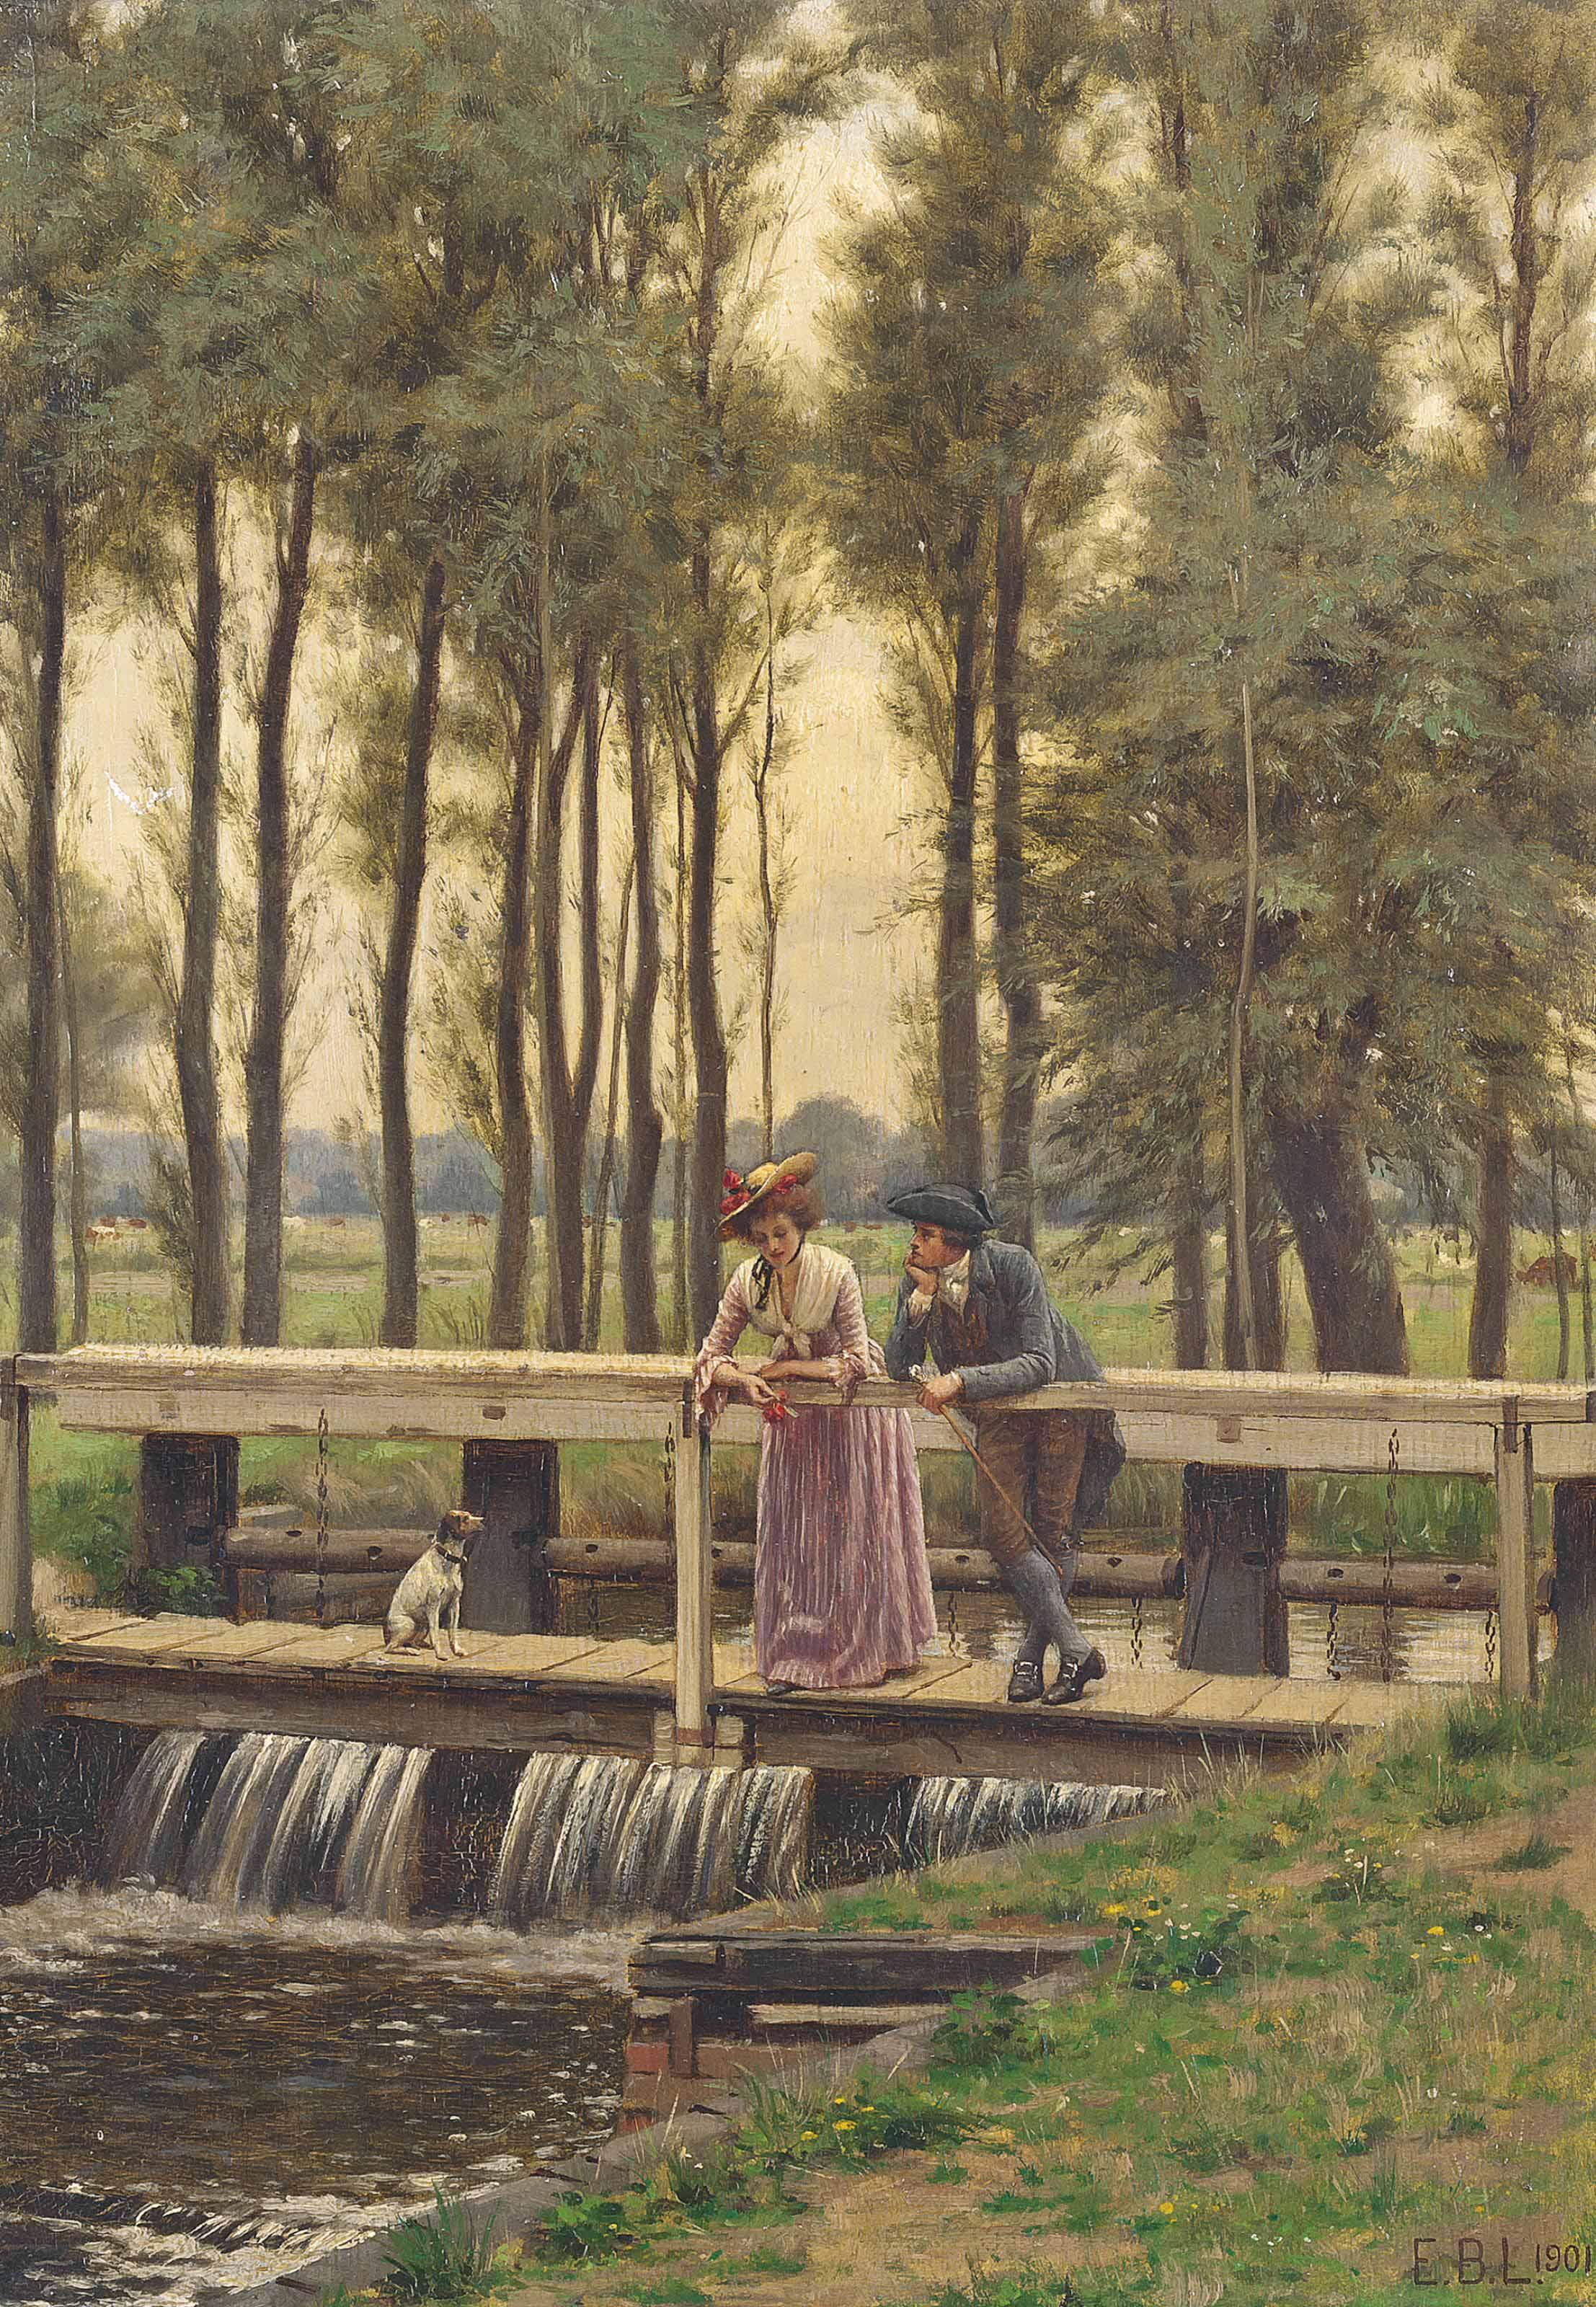 Edmund Blair Leighton (1852-19